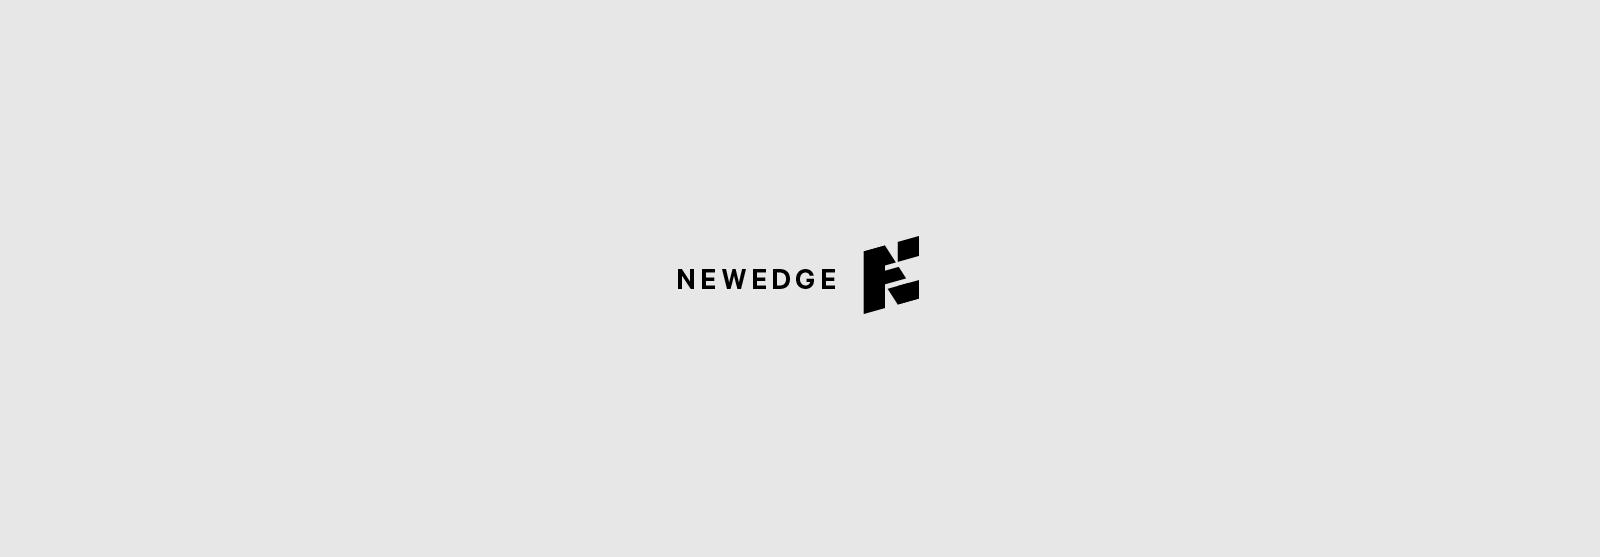 logos_07